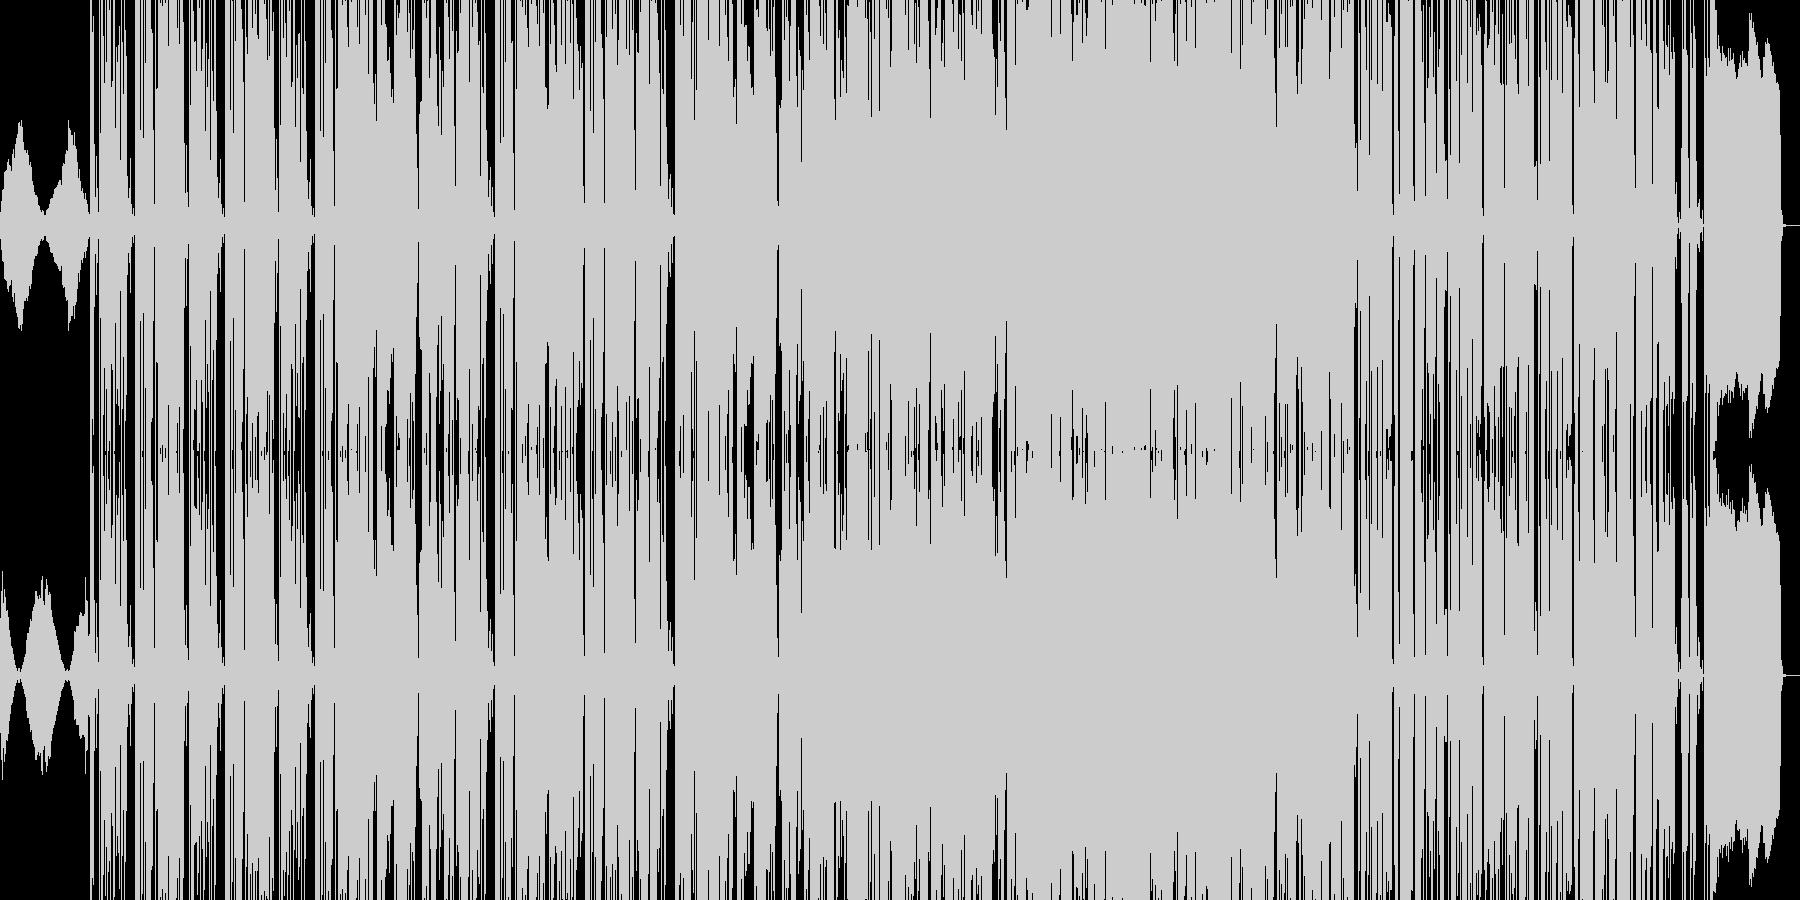 オフビート感ただようロック風ファンクの未再生の波形